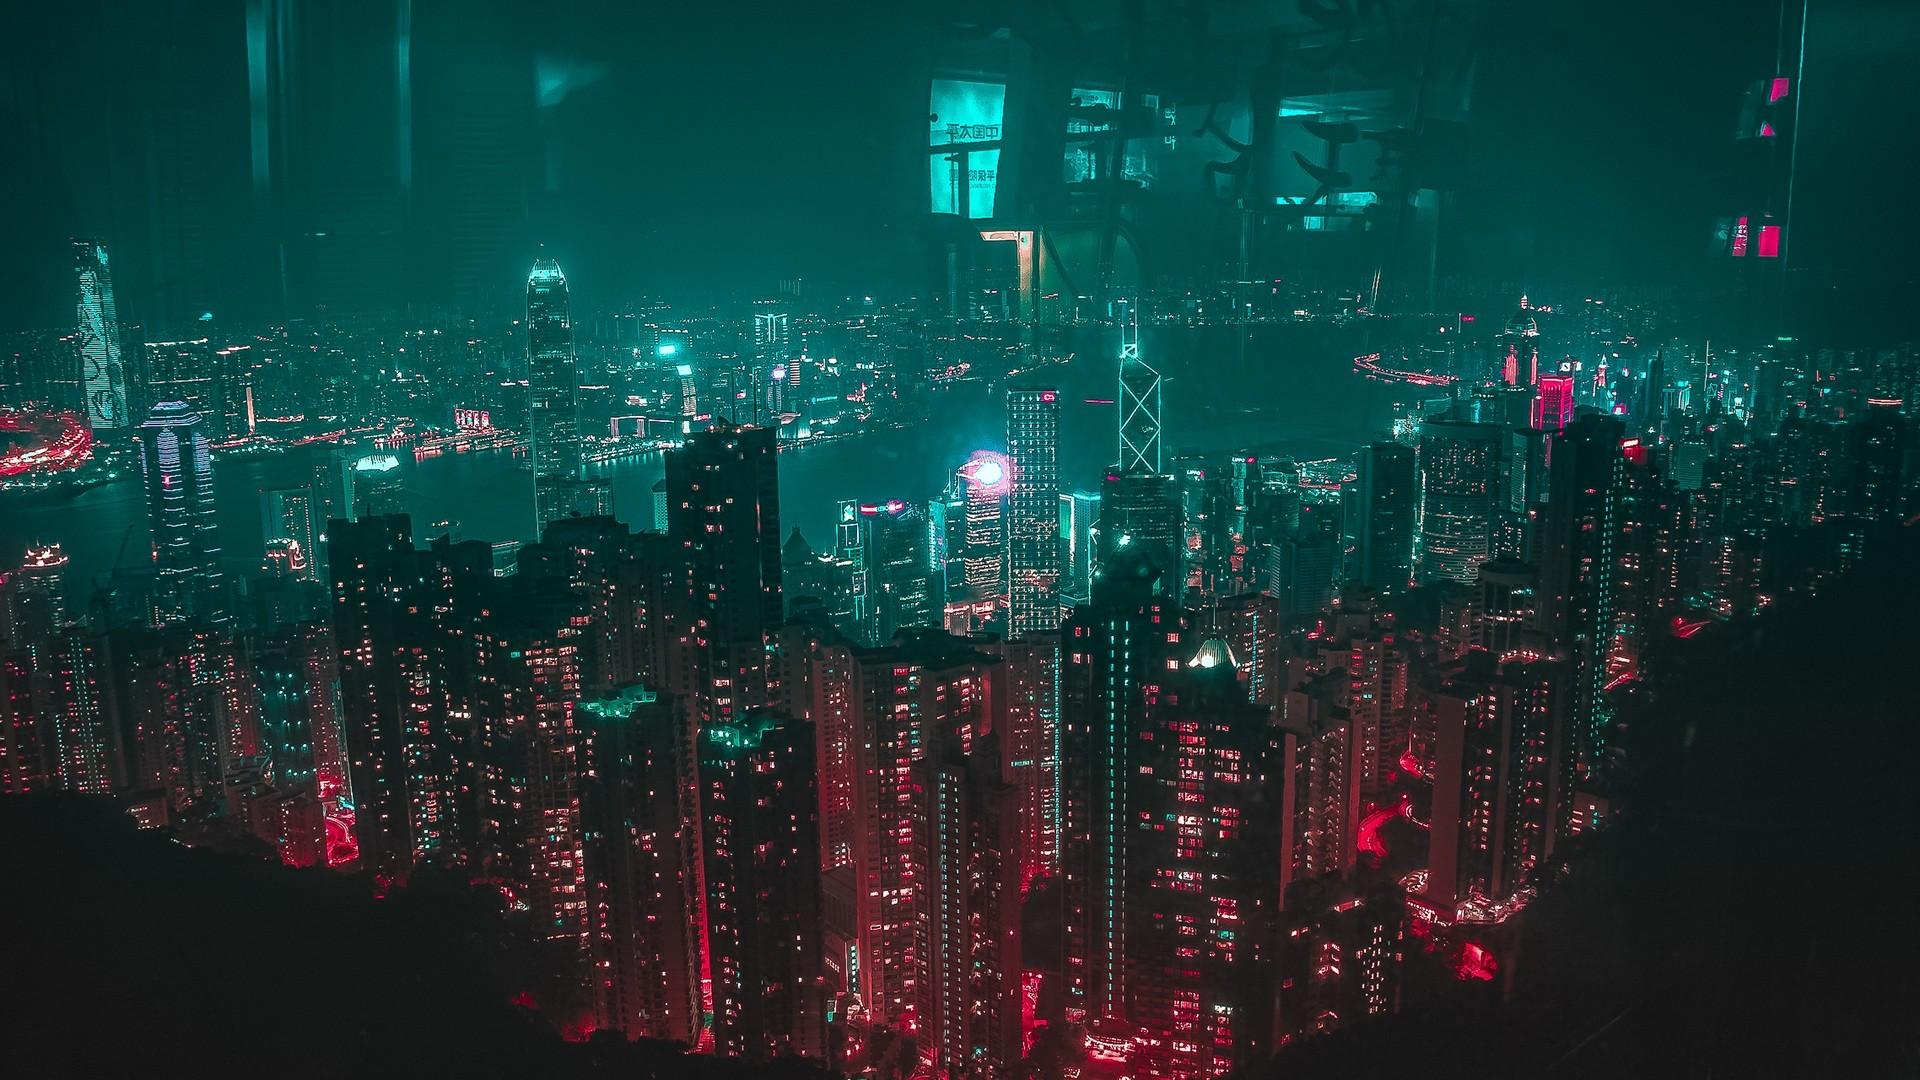 Neon City full wallpaper